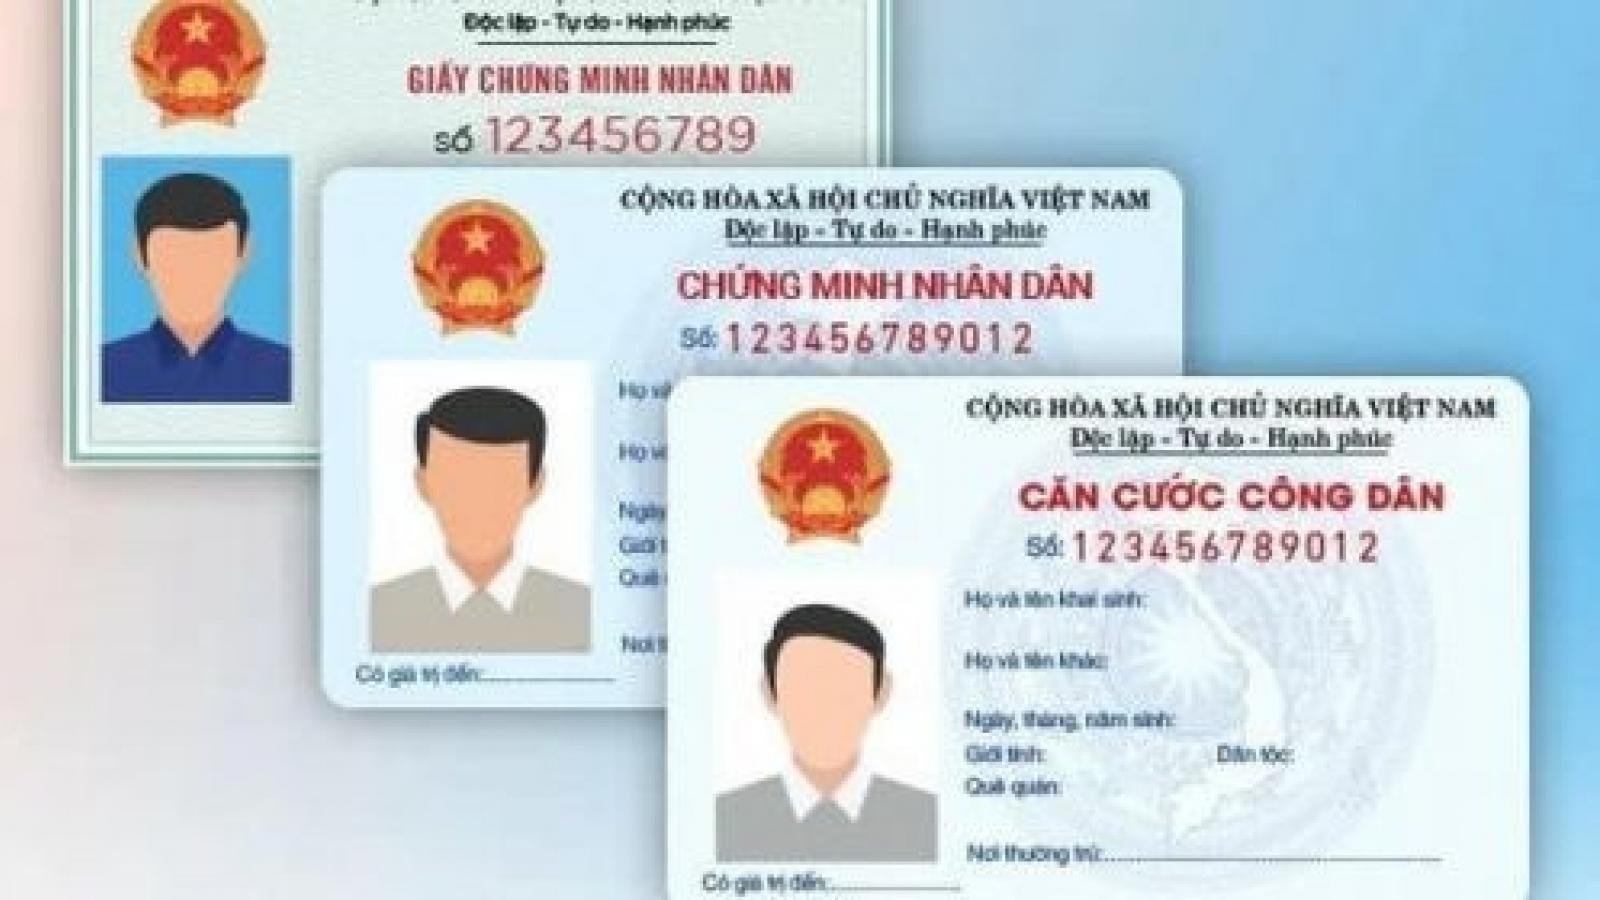 Thẻ căn cước công dân gắn chíp: Xu hướng của thế giới?